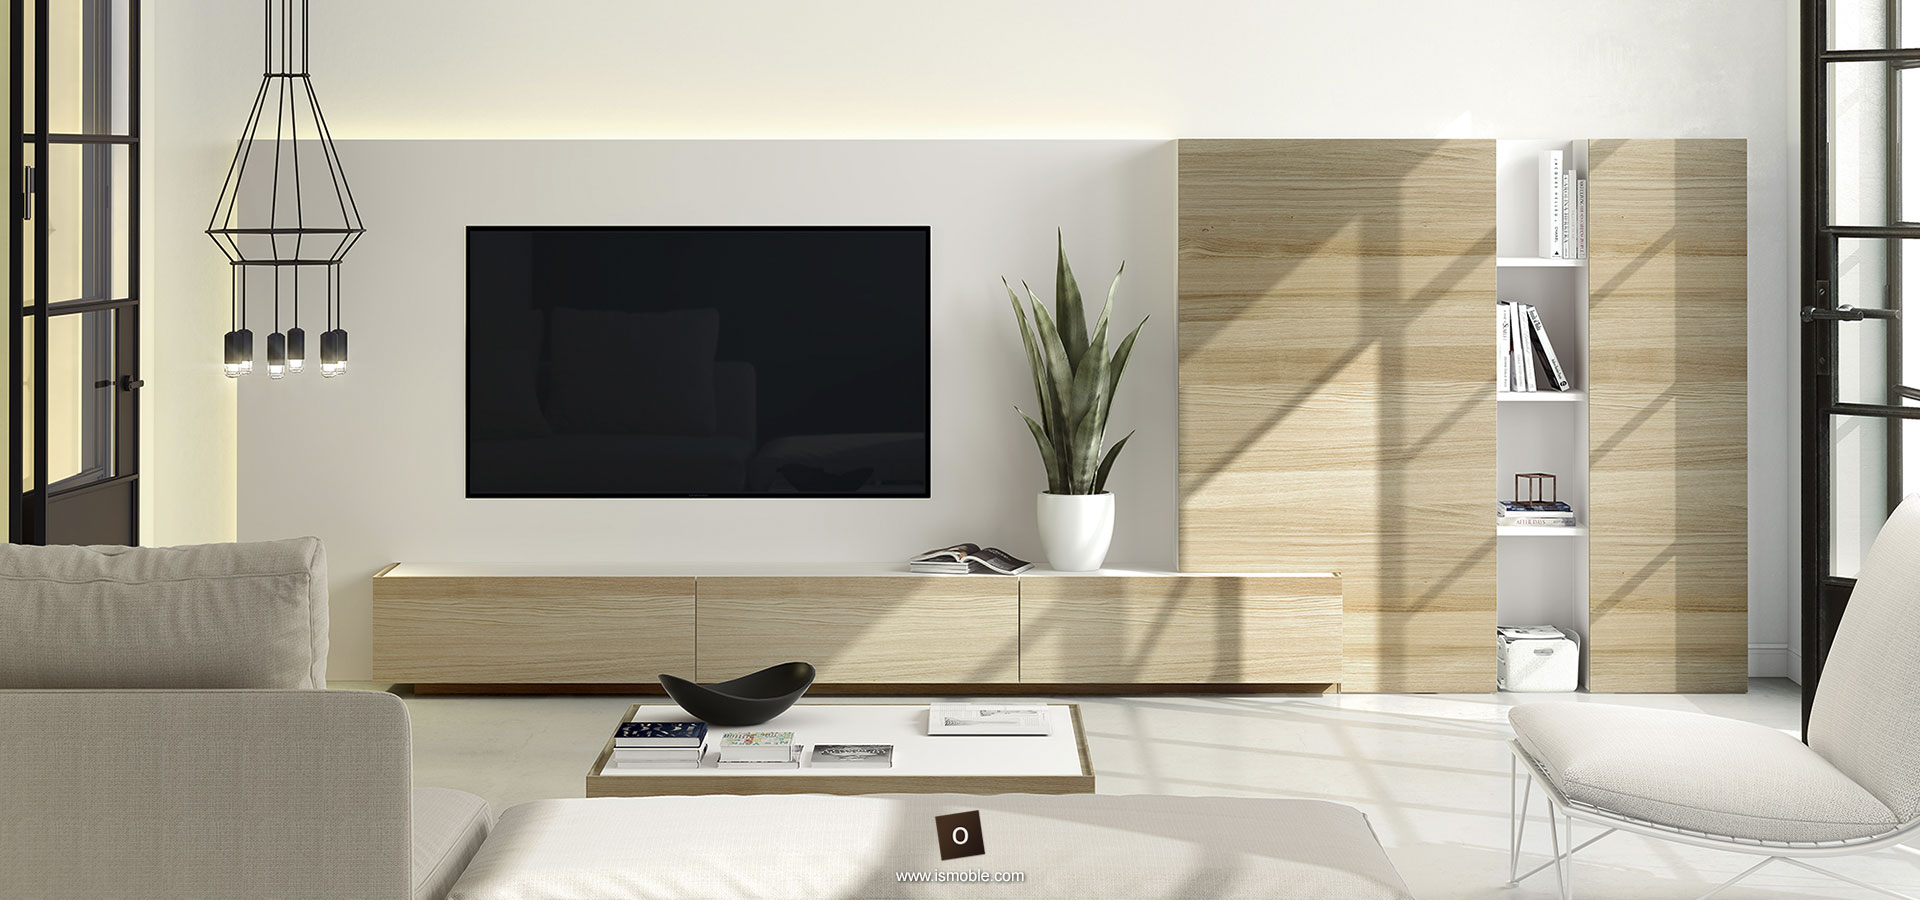 Muebles Para La Sala De Estar Y Televisi N De Dise O Ismoble # Muebles En El Puig